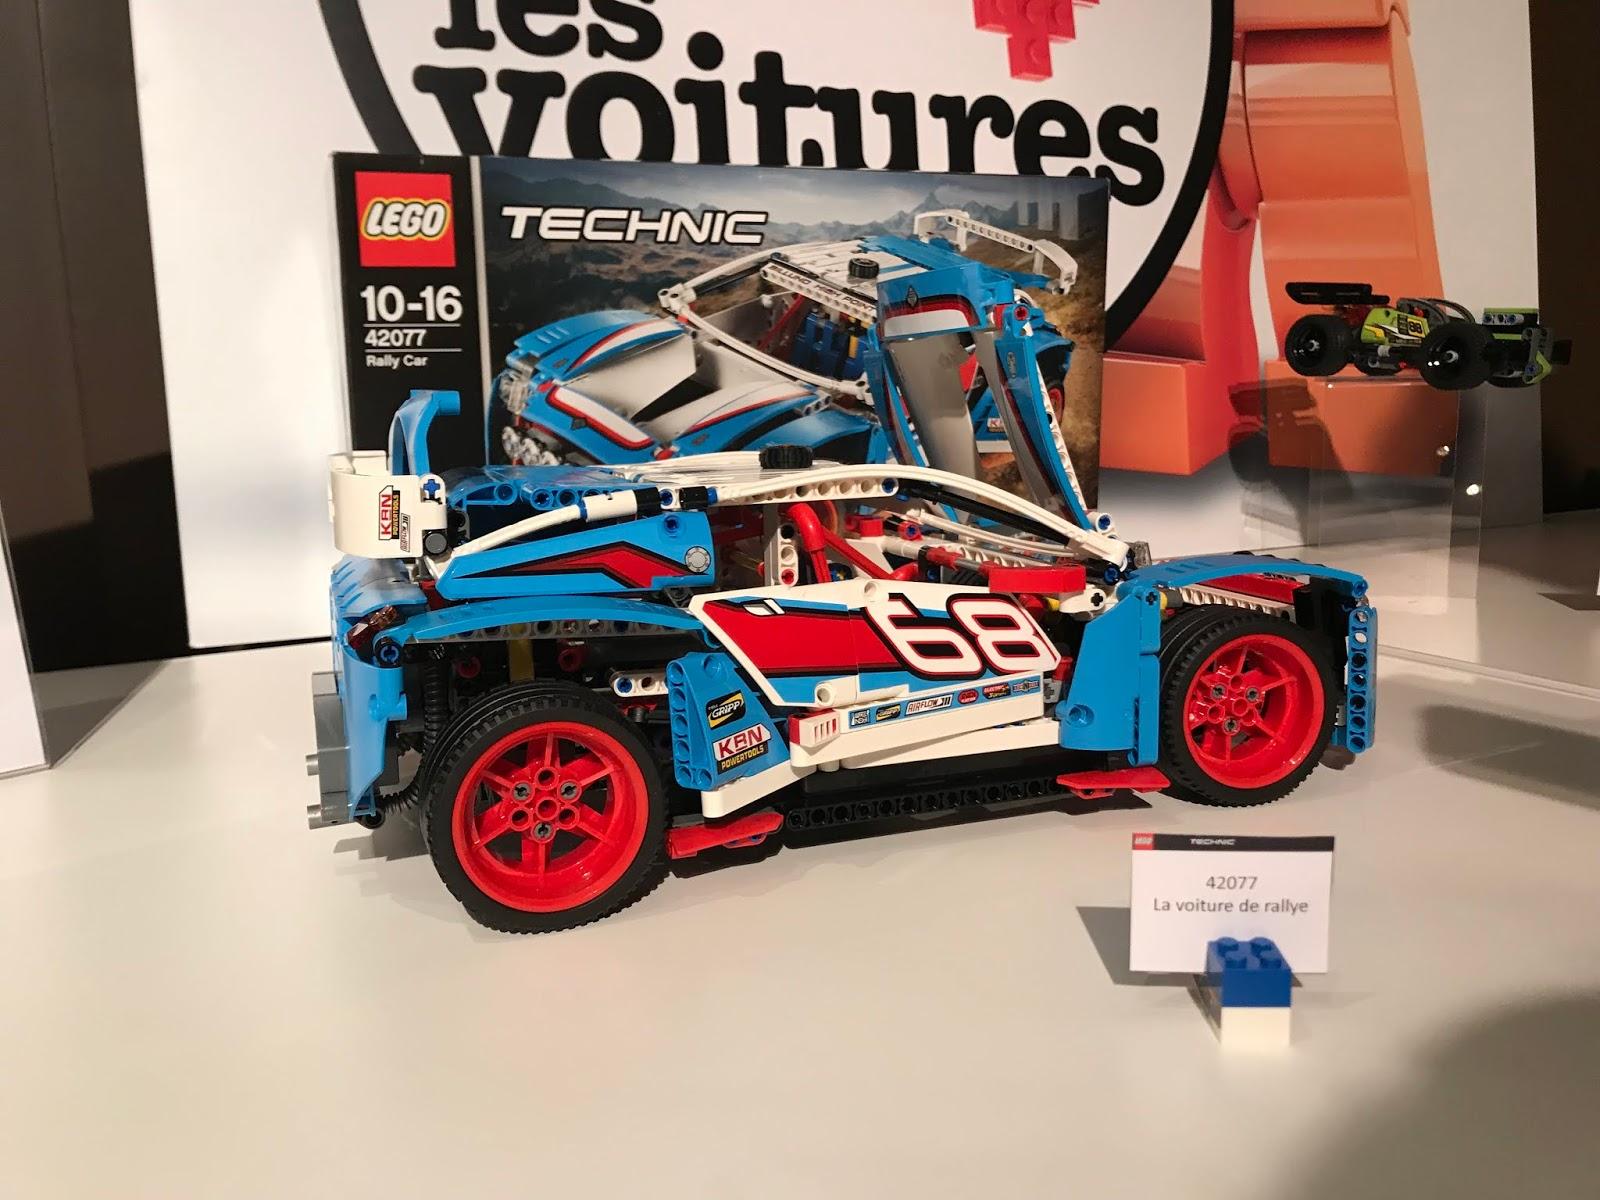 rally car 42077